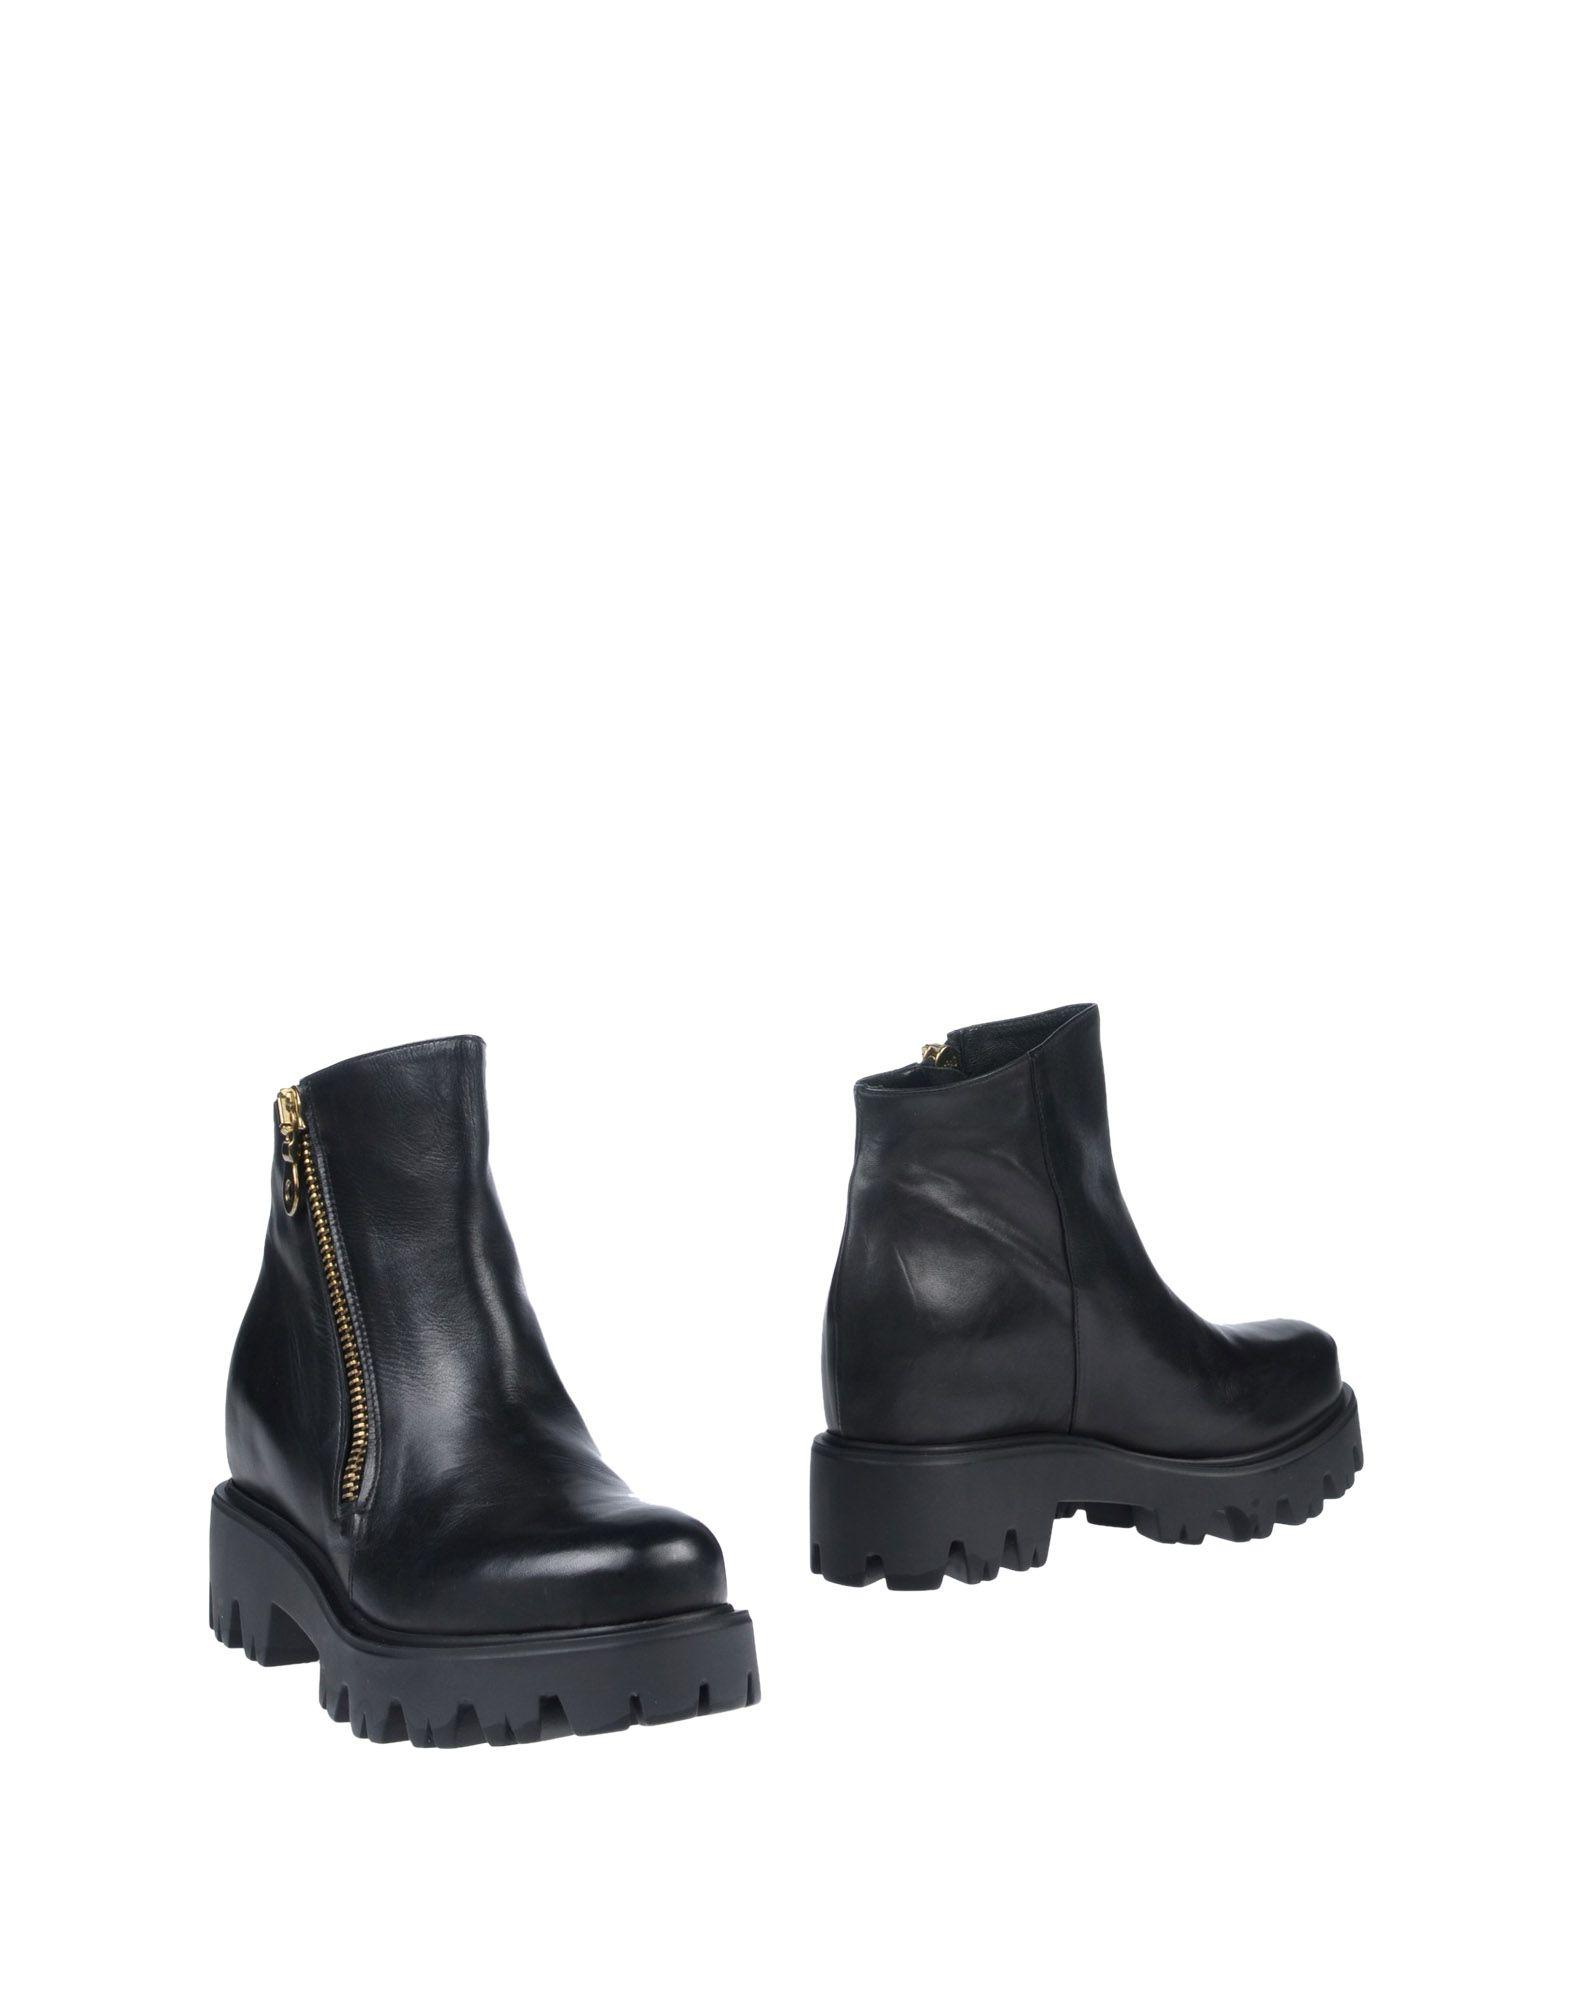 CARRIE LATT Полусапоги и высокие ботинки theodore dreiser sister carrie